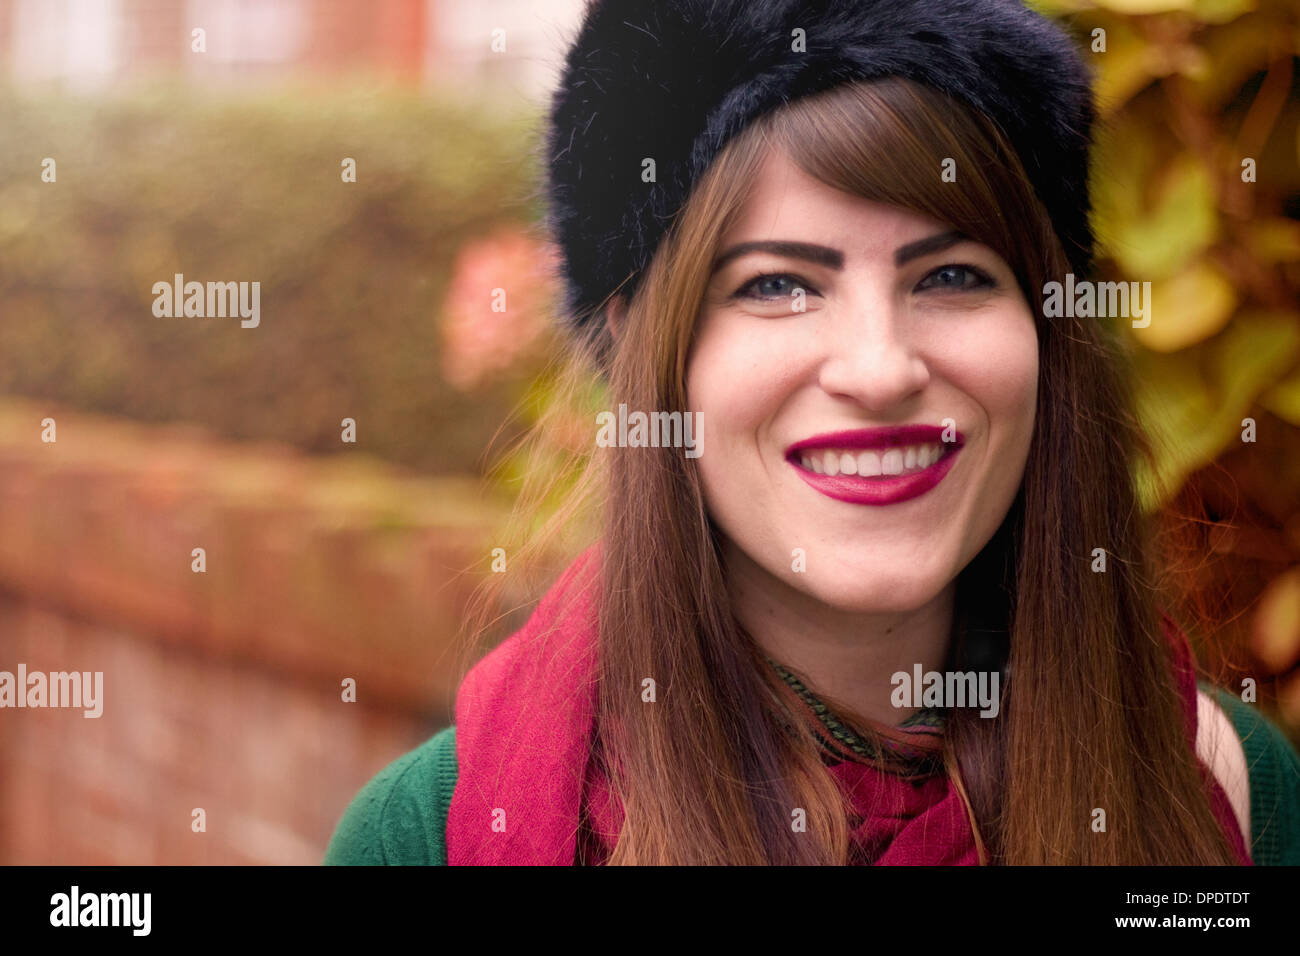 Portrait de jeune femme portant des vêtements d'hiver Photo Stock